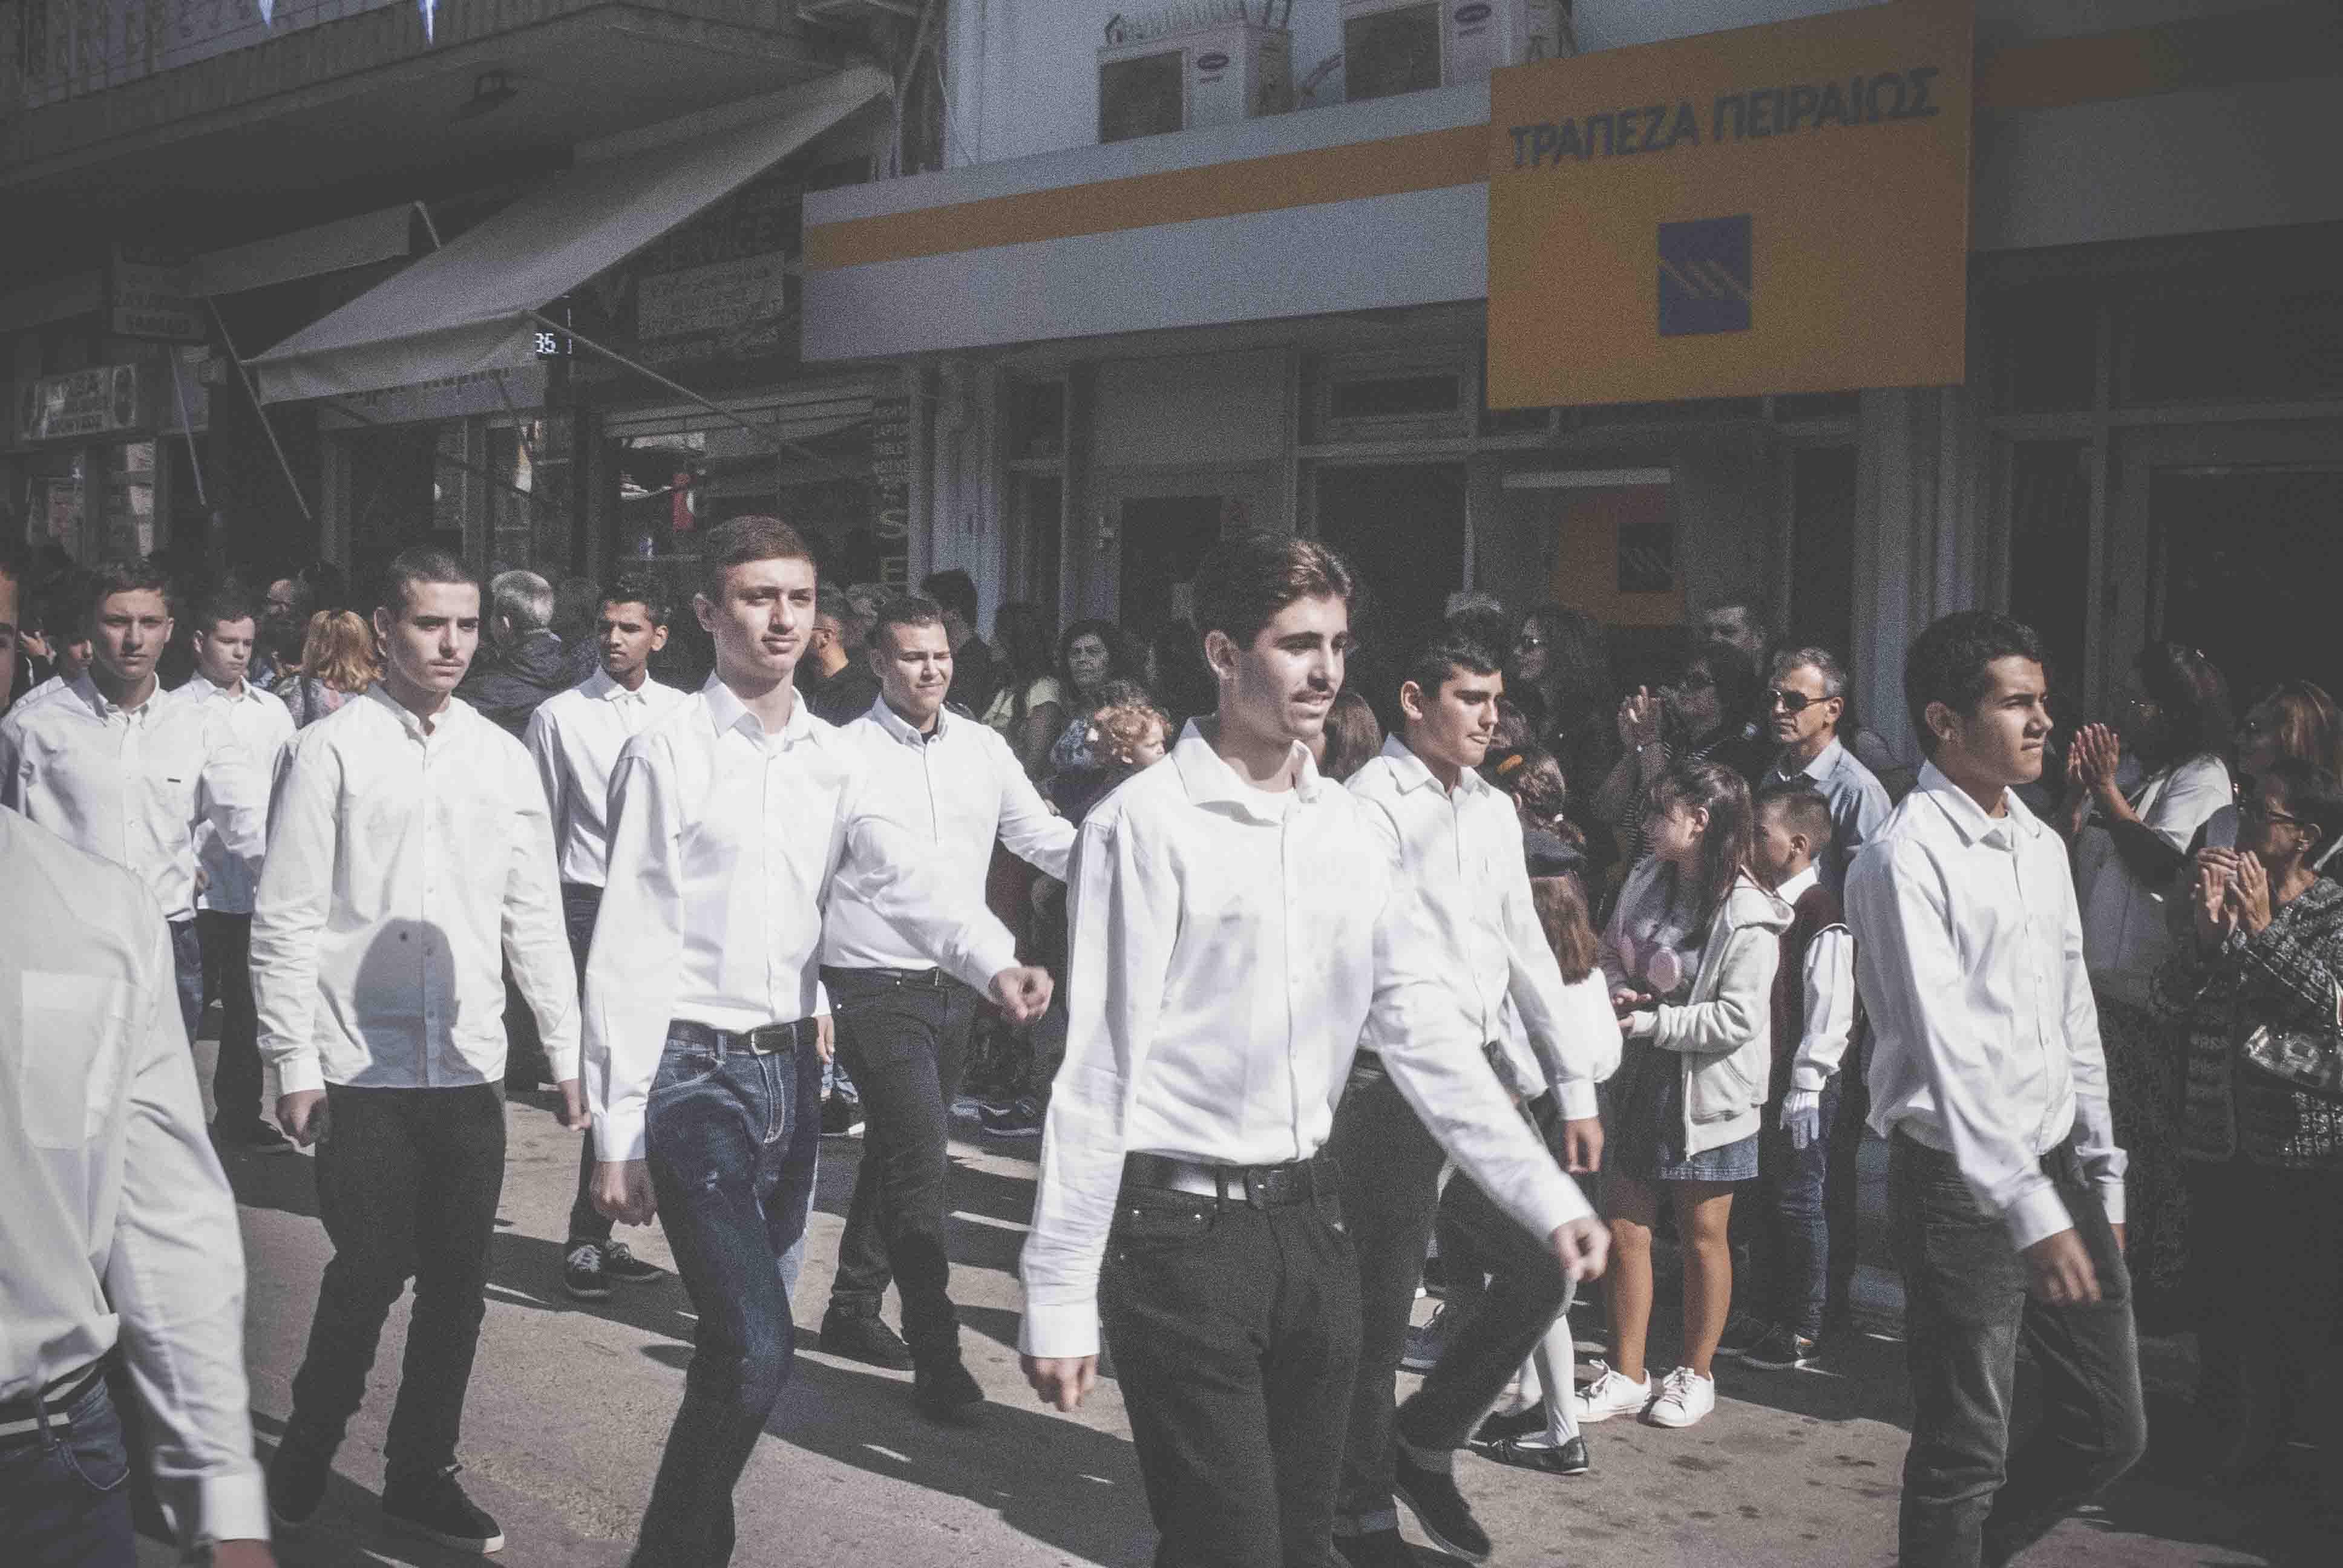 Φωτογραφικό υλικό από την παρέλαση στα Ψαχνά DSC 0431  Η παρέλαση της 28ης Οκτωβρίου σε Καστέλλα και Ψαχνά (φωτό) DSC 0431